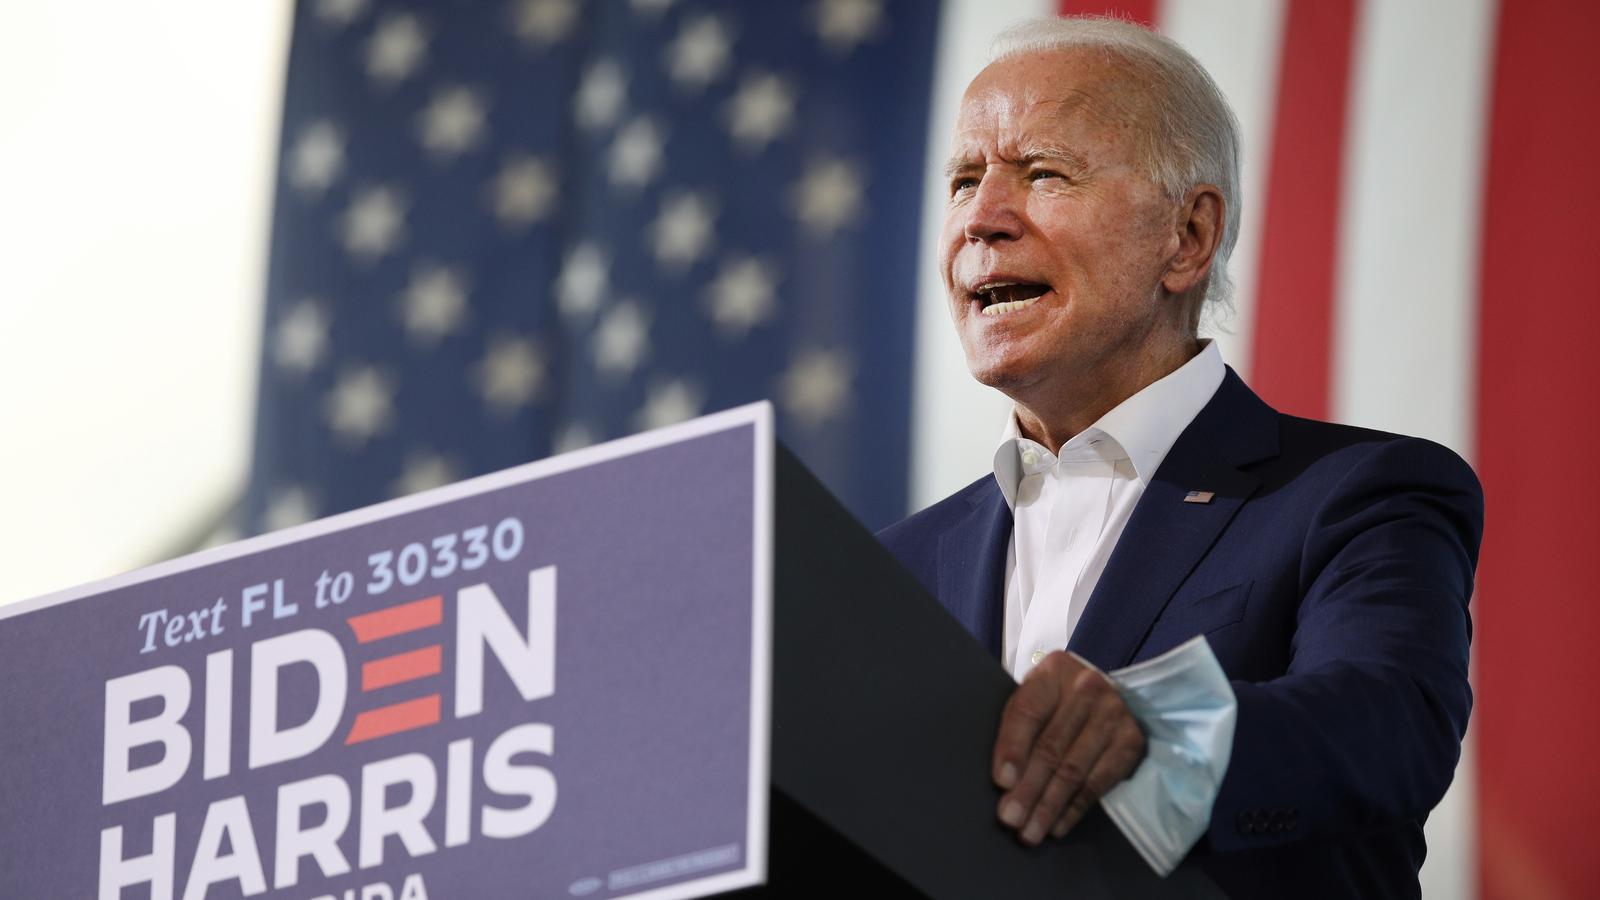 Twitter i Facebook limiten la difusió d'un article del 'New York Post' sobre els vincles de Biden amb Ucraïna